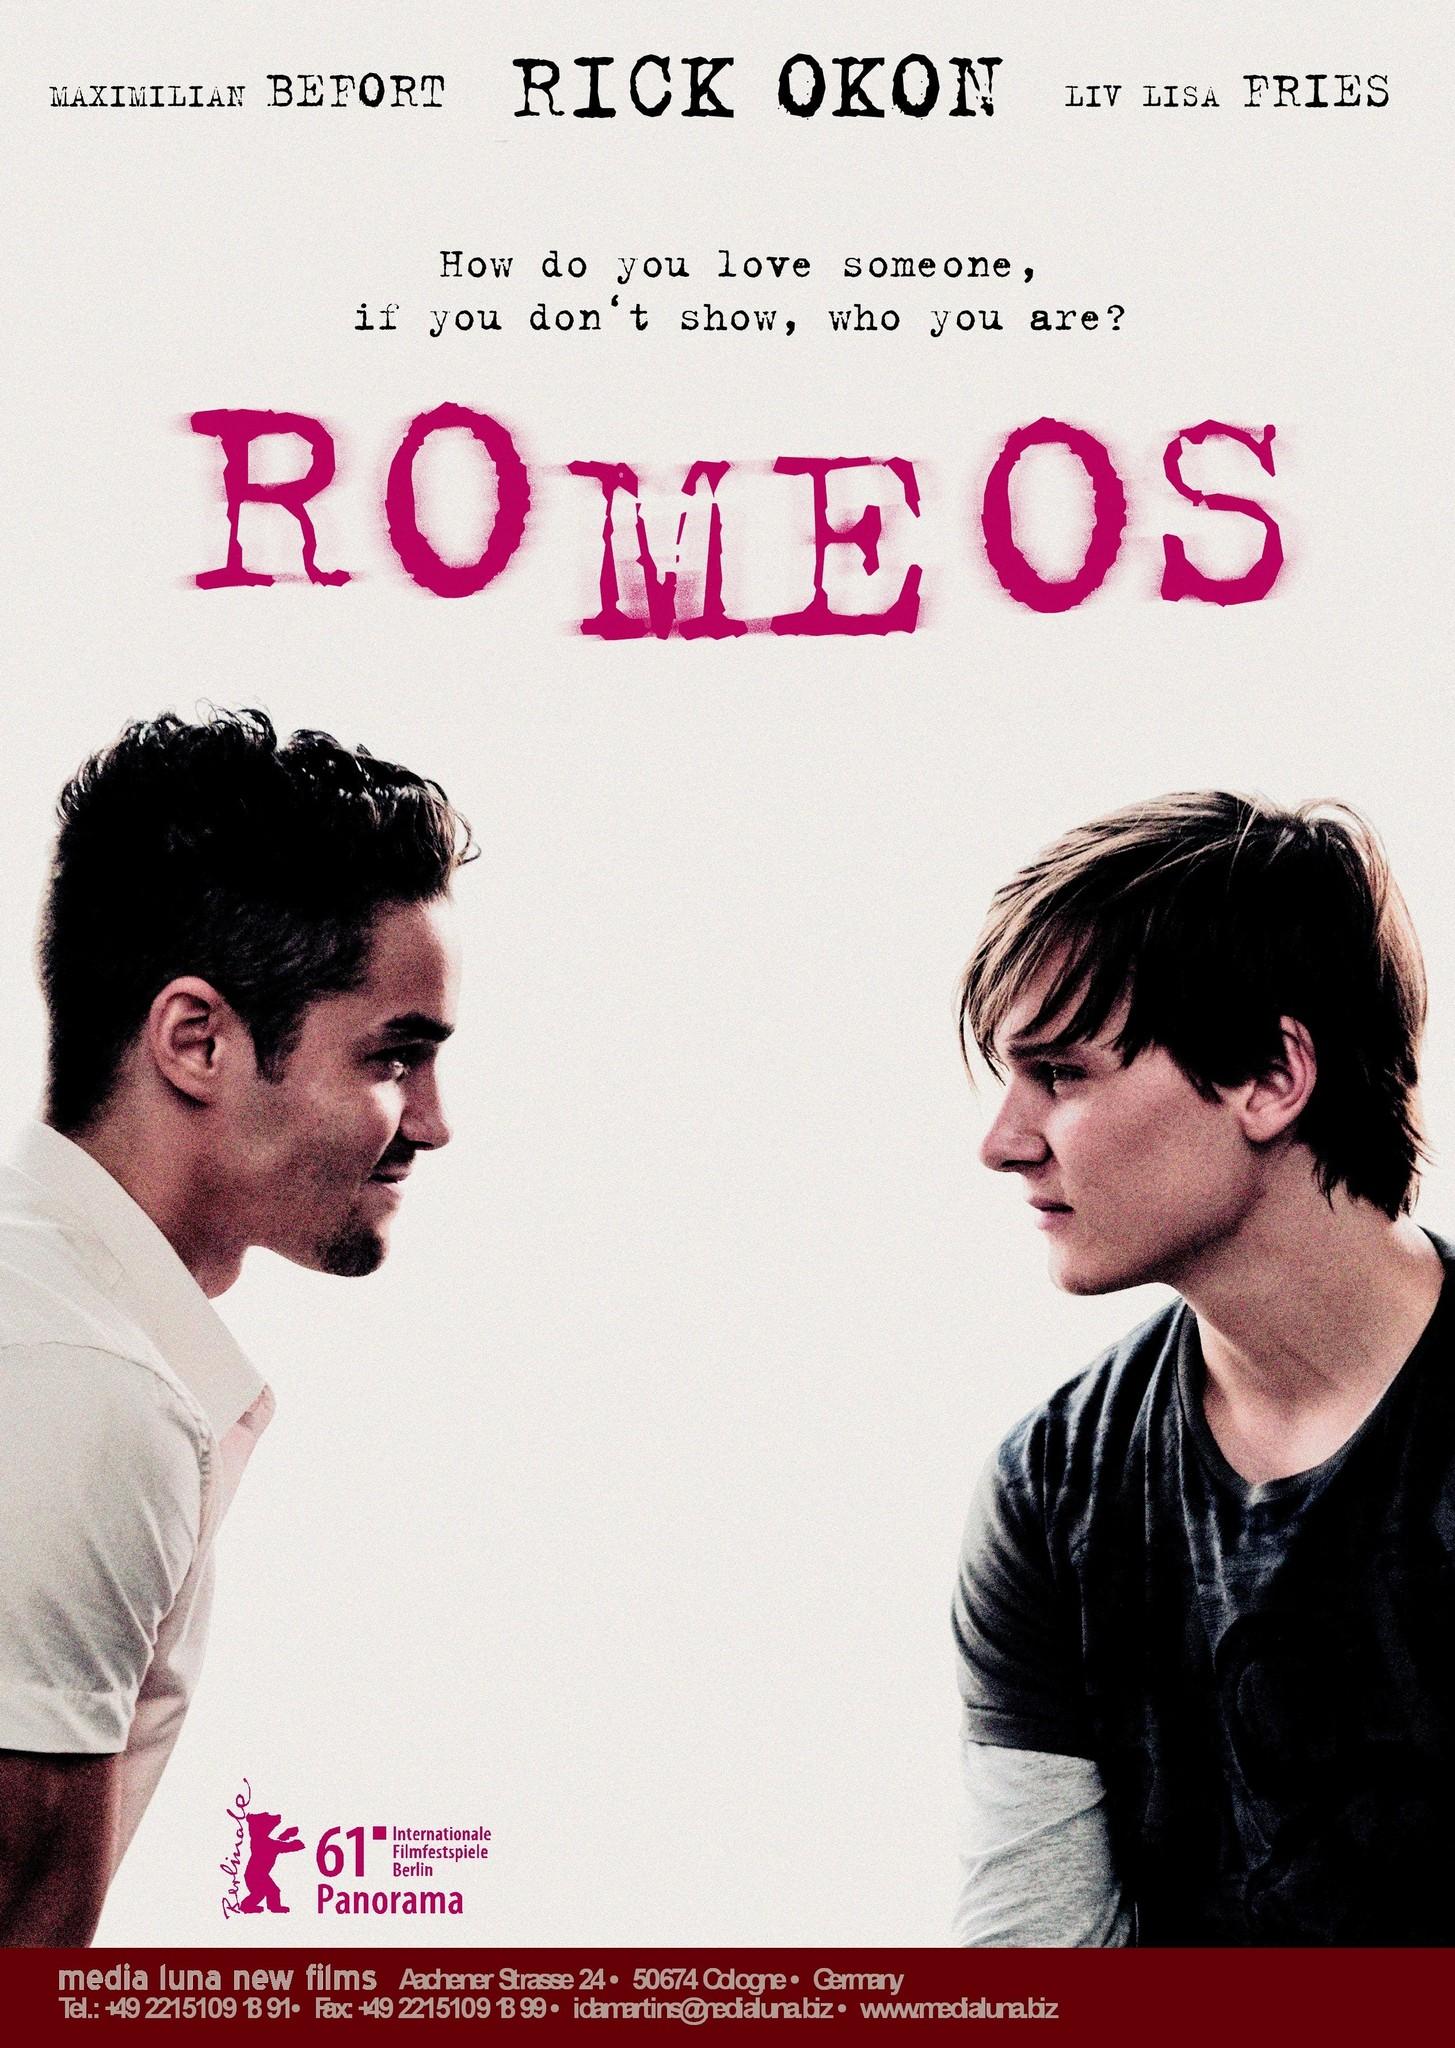 ROMEOS FILM GAY CAST